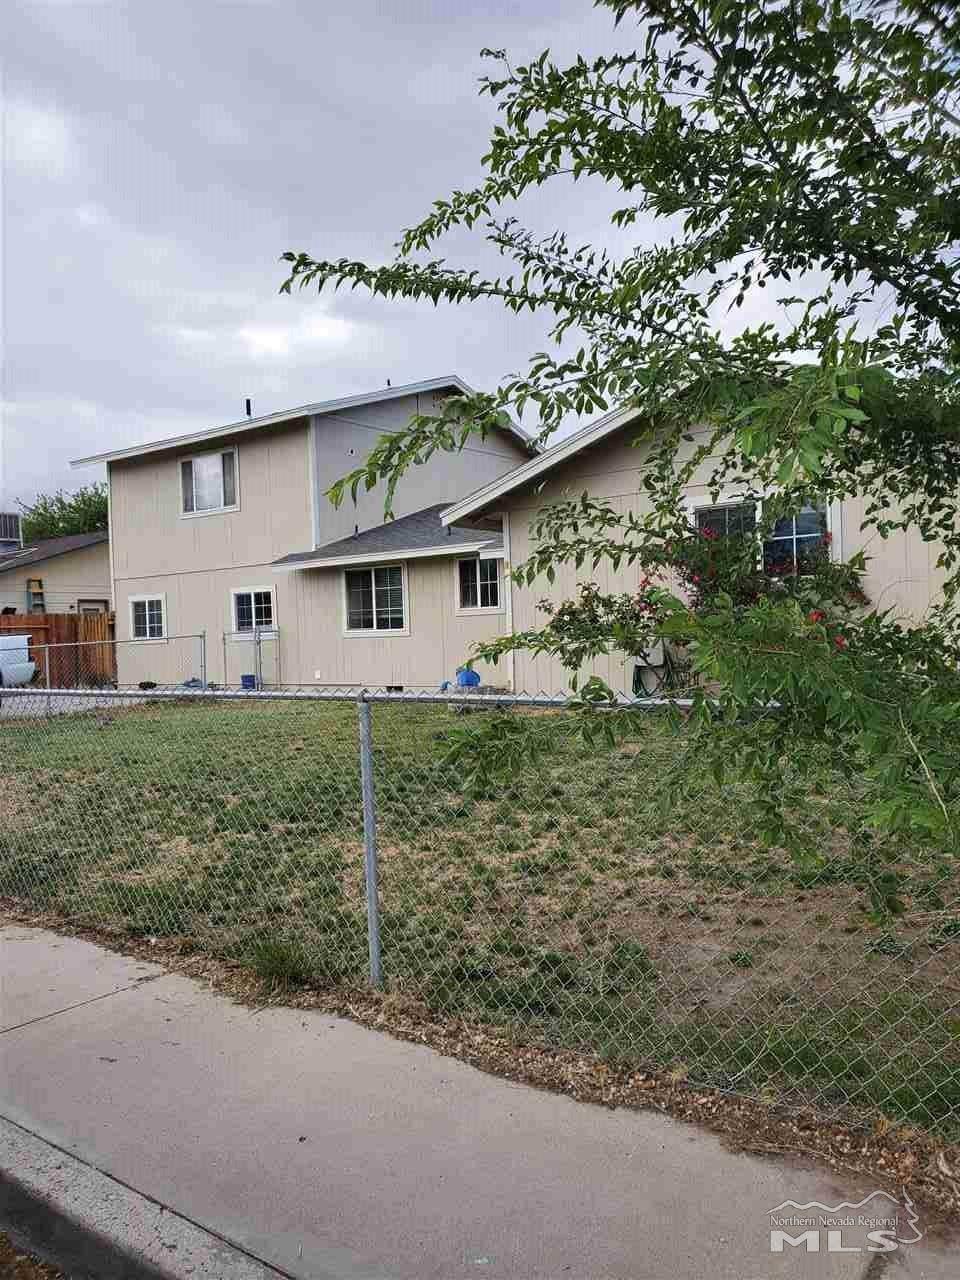 1020 Concord Ave - Photo 1